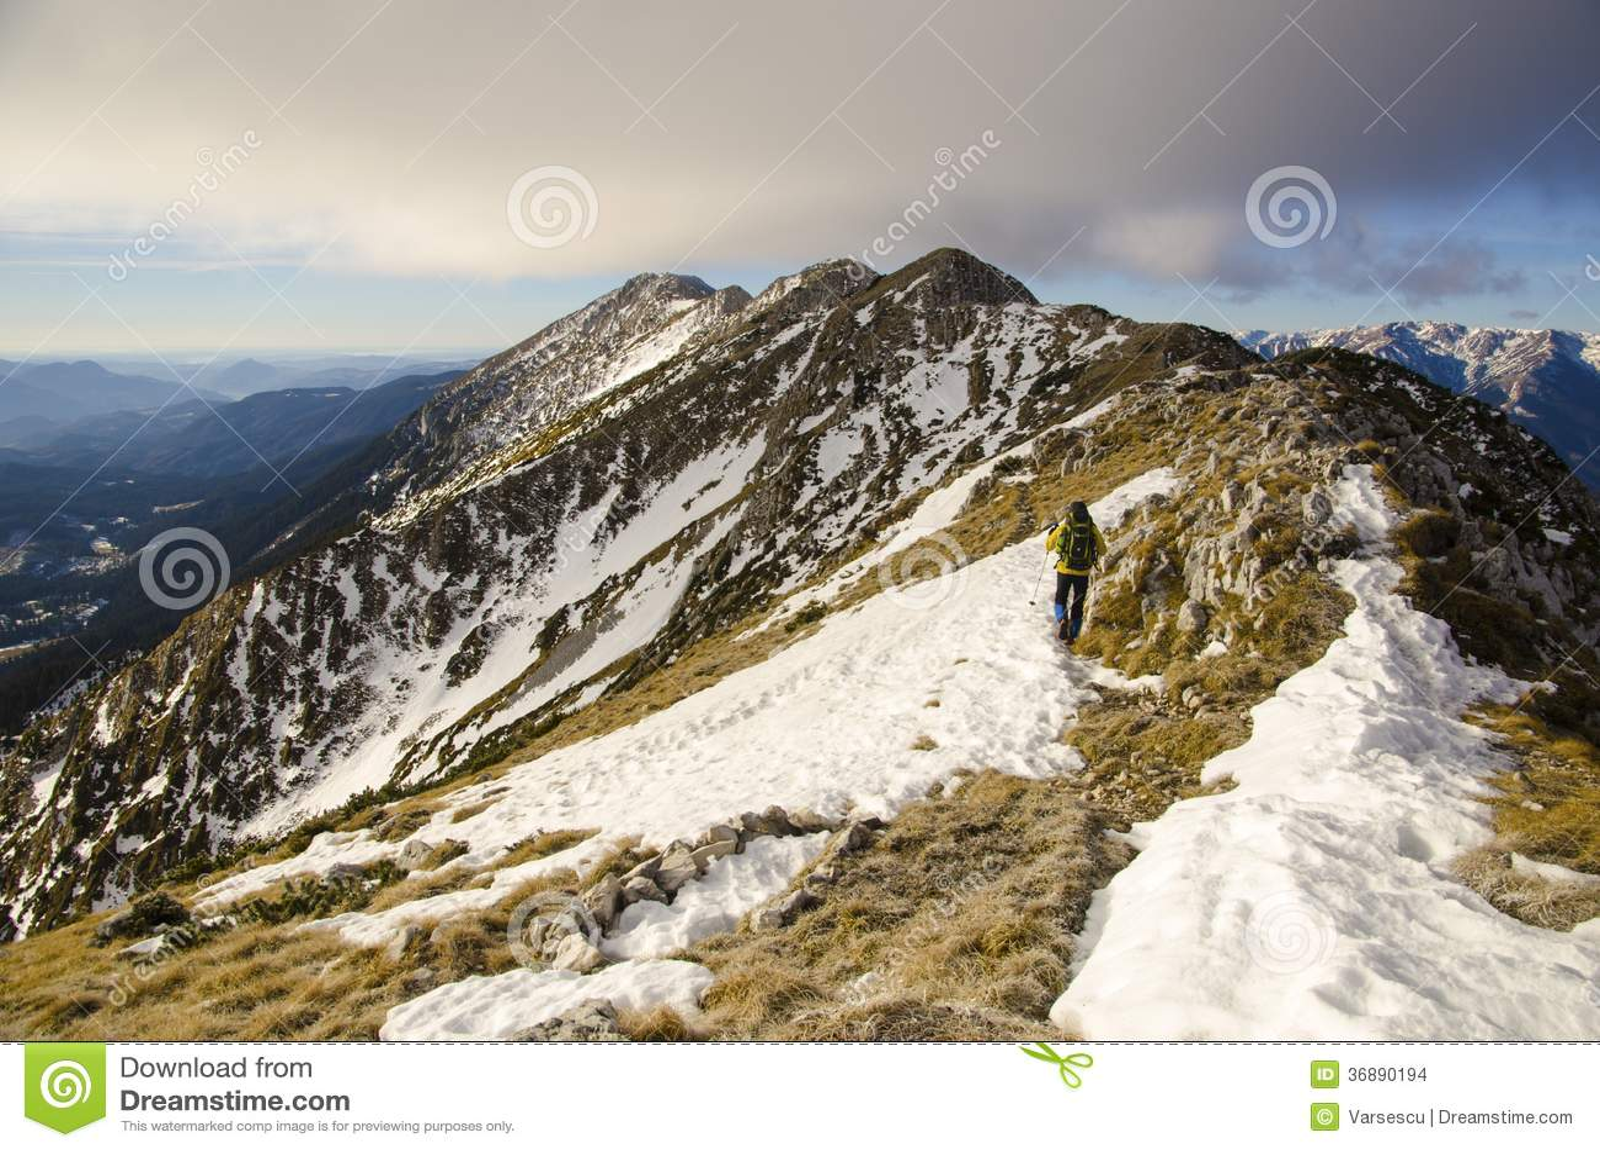 Download Cresta rocciosa fotografia stock. Immagine di coraggio - 36890194